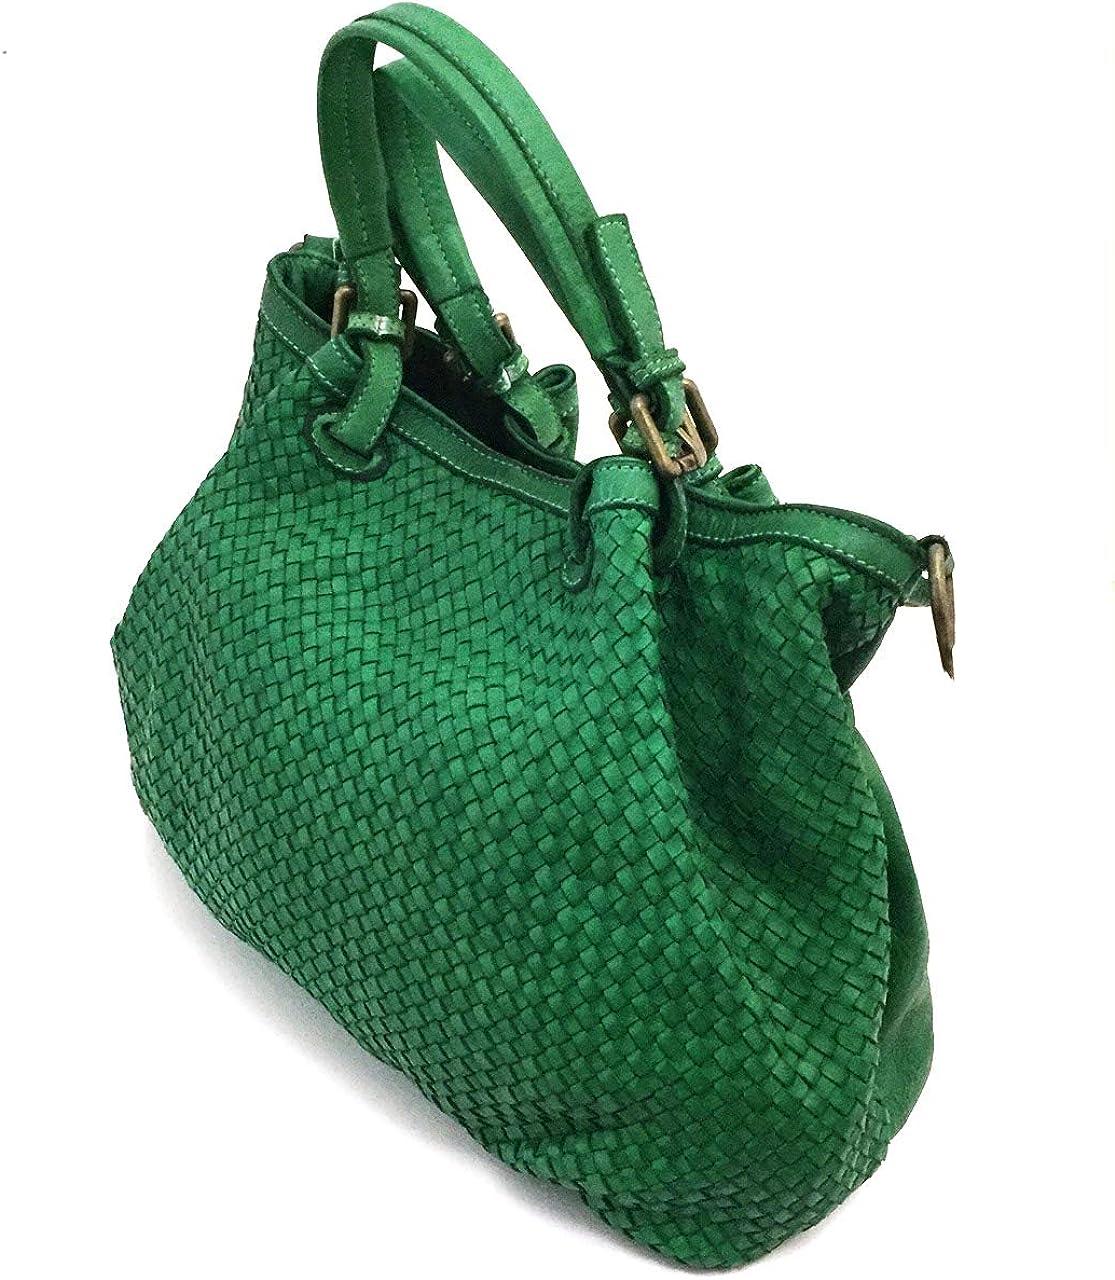 Superflybags Borsa a Mano In Vera Pelle Vintage Intrecciata modello GRANADA Made In Italy Verde Chiaro